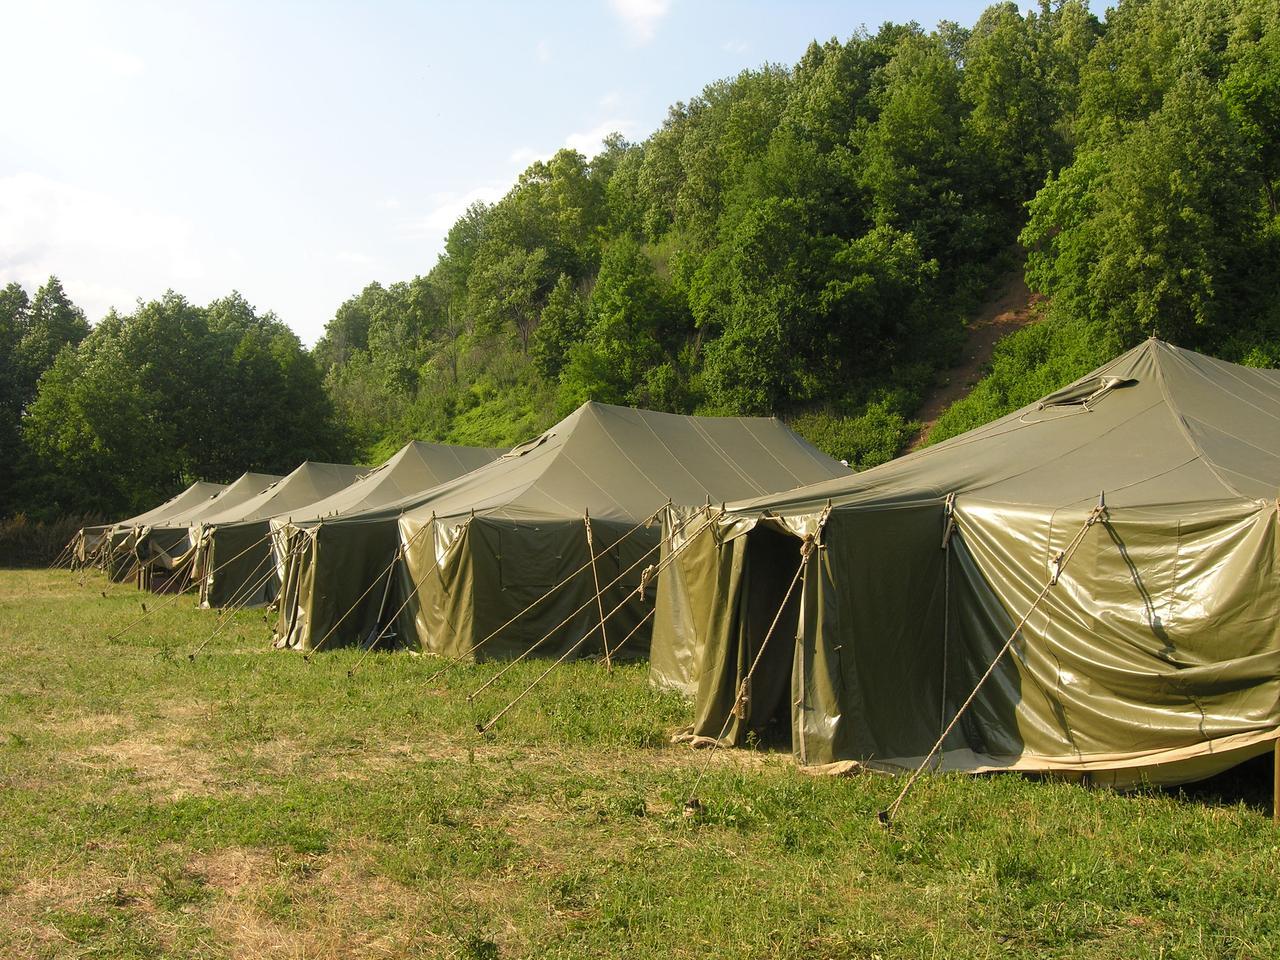 Армейская палатка военная из материала Оксфорд до 15 чел.+Доставка бесплатная! - фото 1